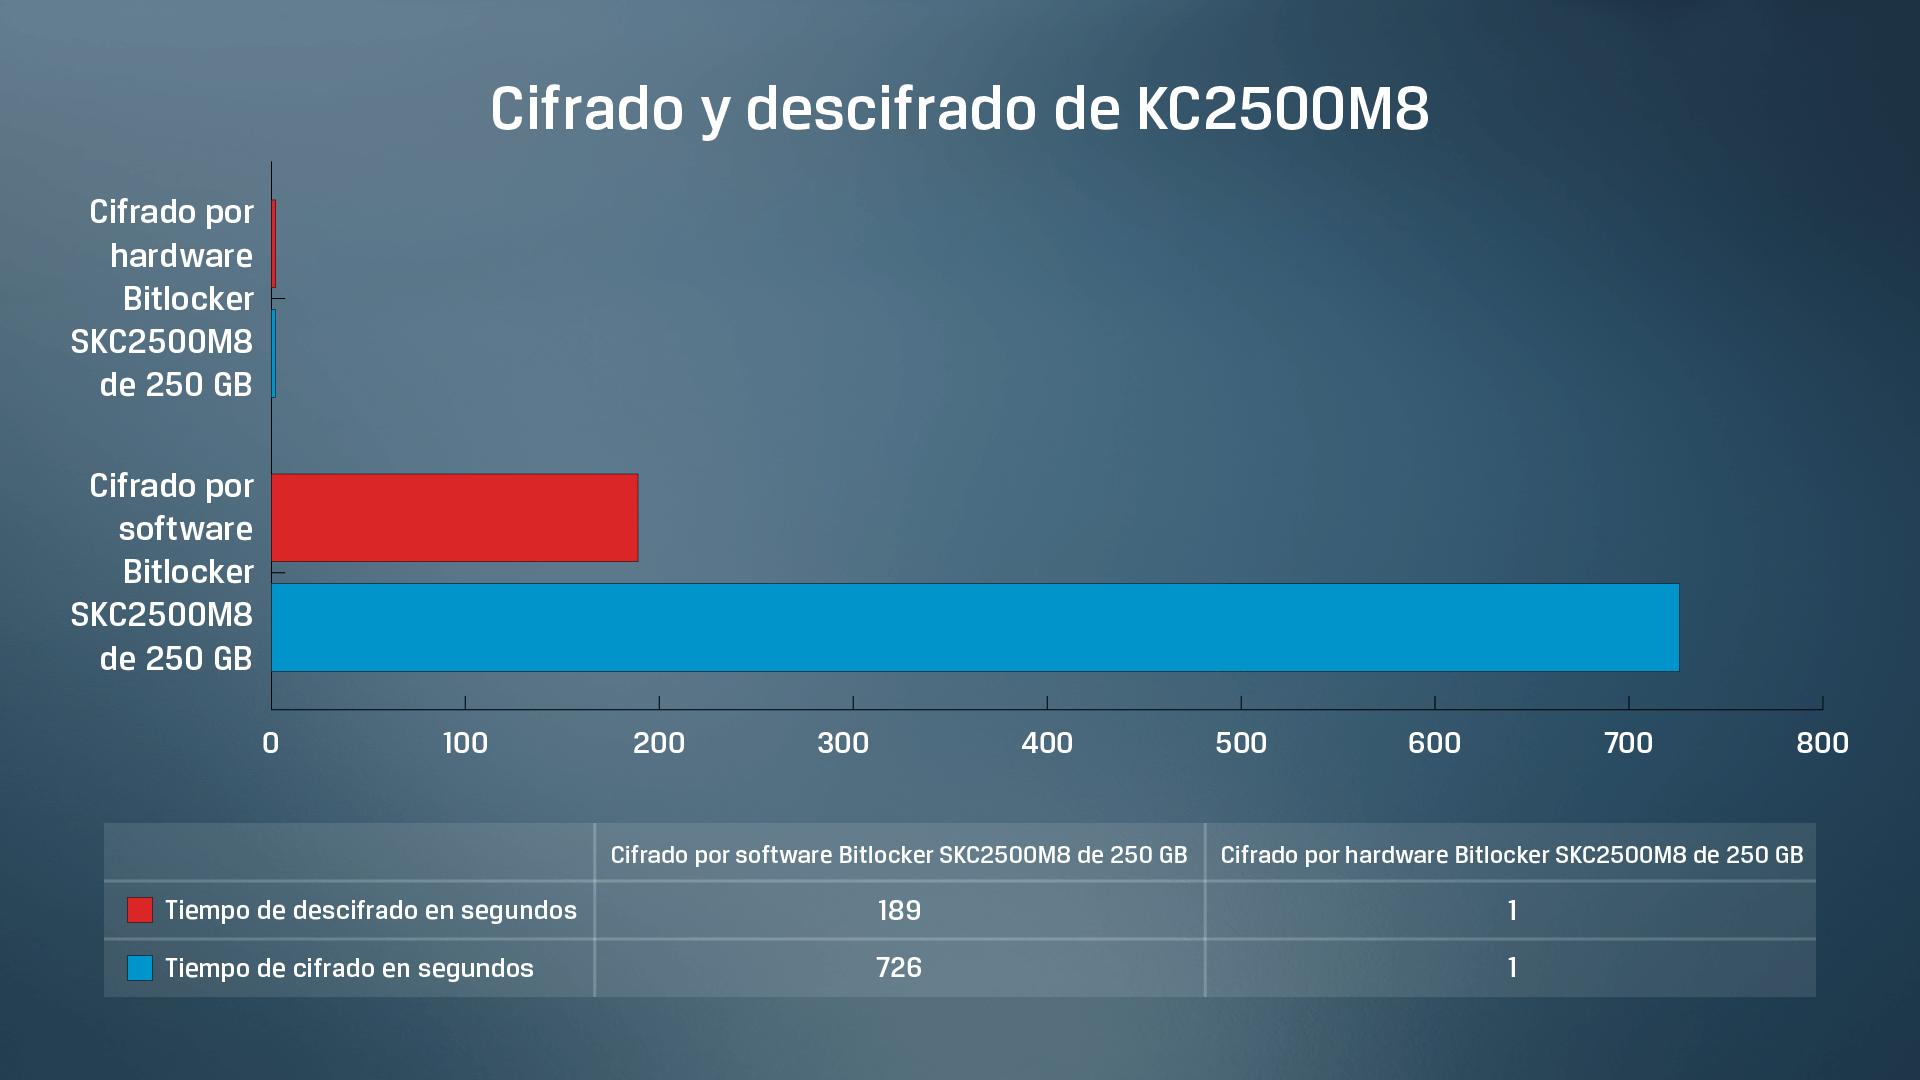 Resultados de datos de pruebas de cifrado y descifrado mediante software y mediante hardware de SSD KC2500 de Kingston